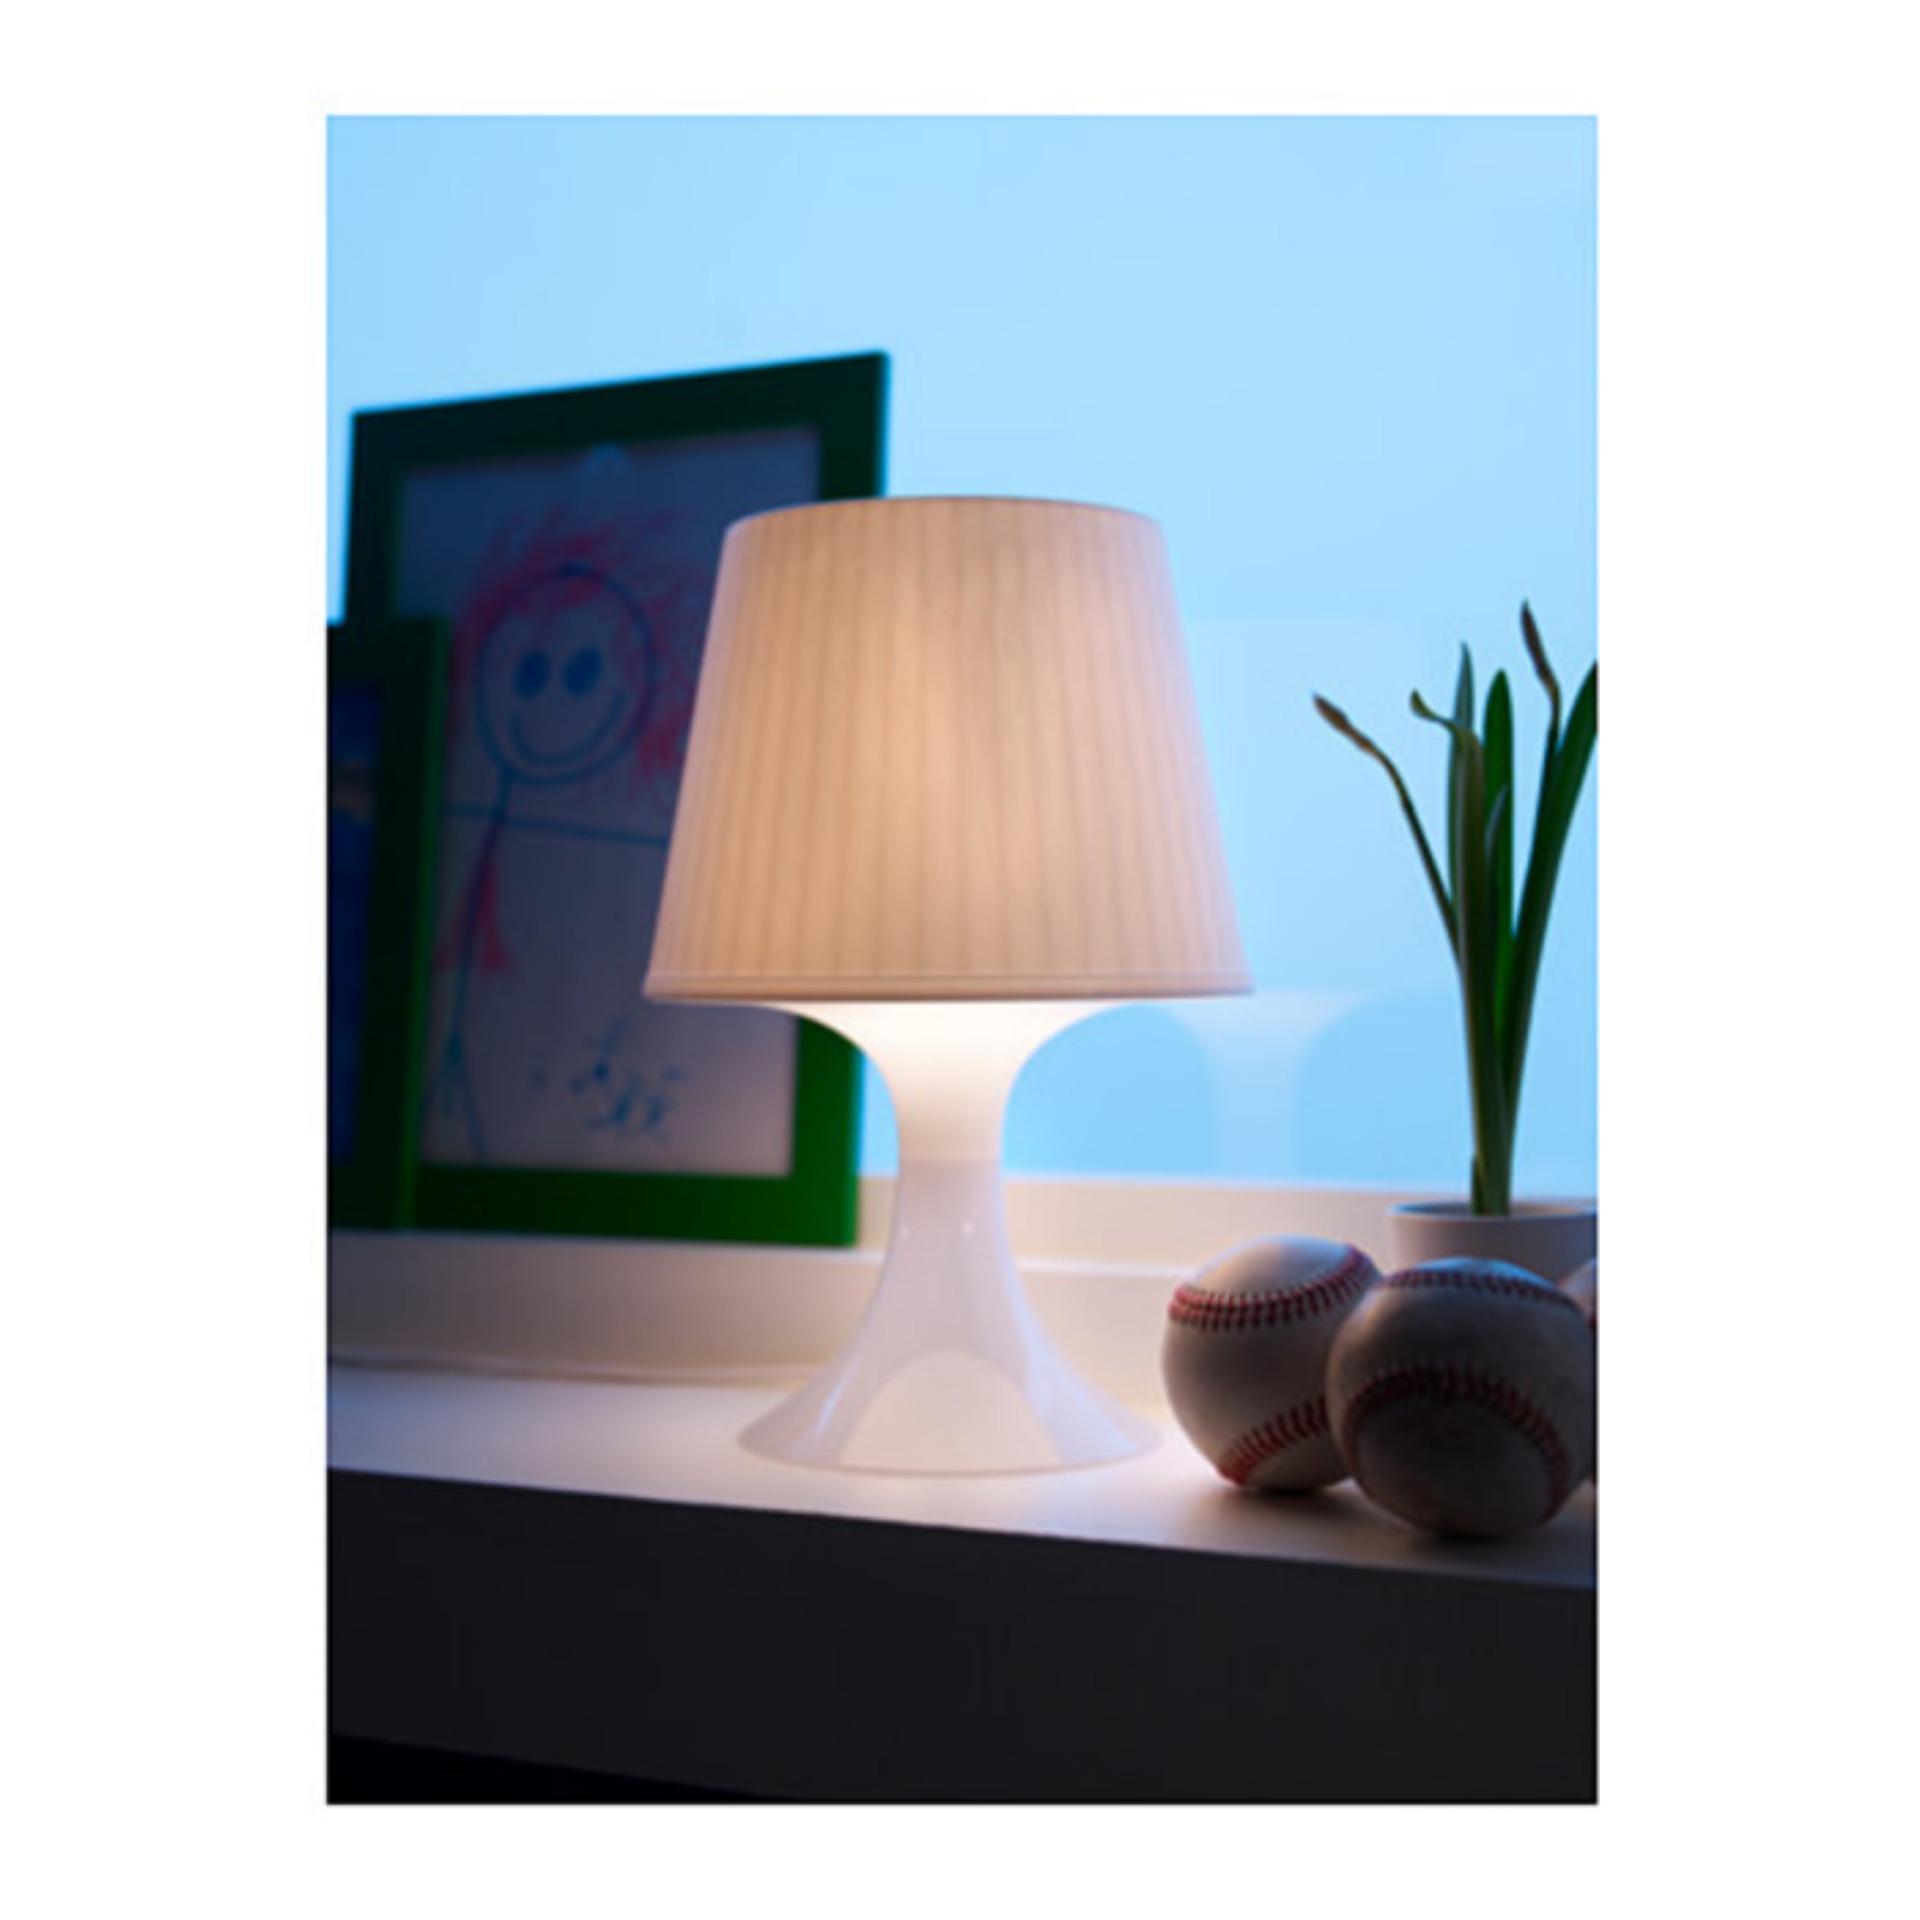 DISKON IKEA Smila Mane Lampu Dinding Lampu Tidur Kamar Anak